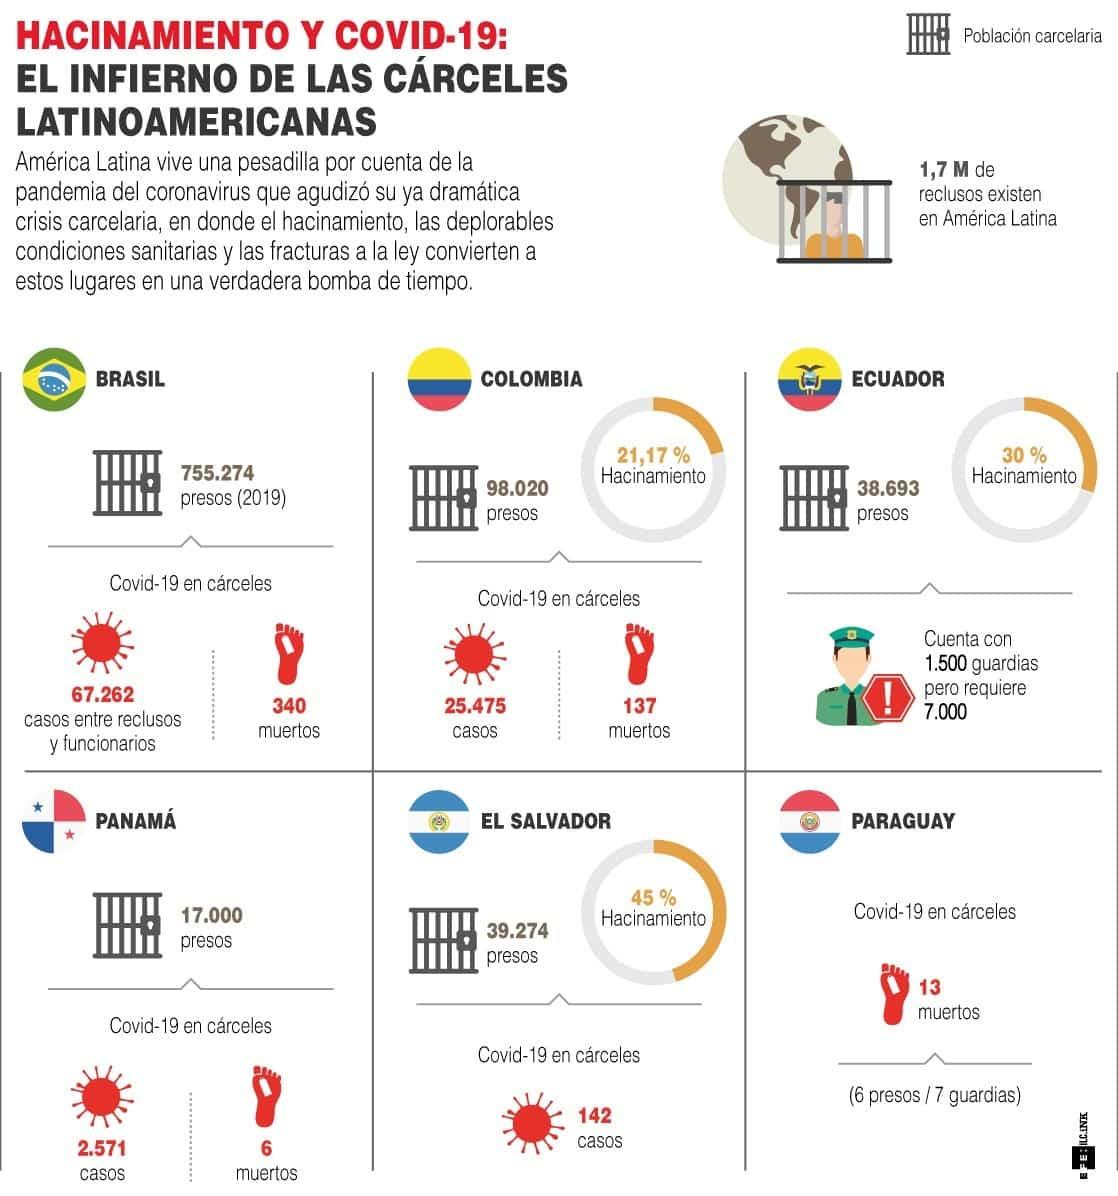 [Infografía] - Hacinamiento y COVID El infierno de las cárceles en Colombia y Latinoamérica 1